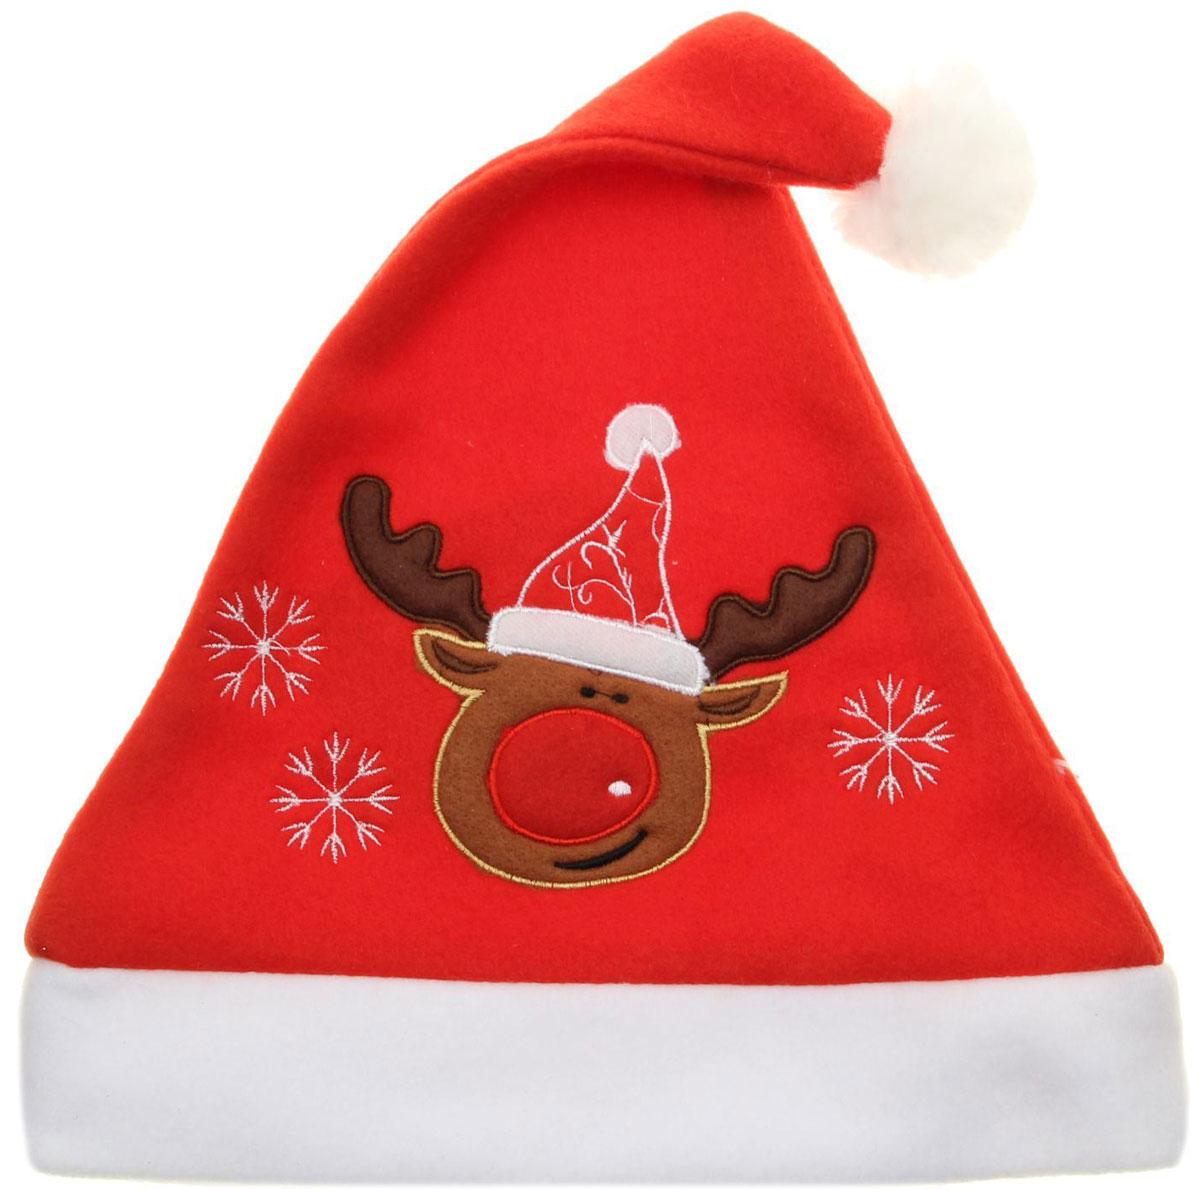 Колпак новогодний Олень в колпаке, 29 х 41 см. 13906391390639Поддайтесь новогоднему веселью на полную катушку! Забавный колпак в секунду создаст праздничное настроение, будь то поздравление ребятишек или вечеринка с друзьями. Размер изделия универсальный: аксессуар подойдет как для ребенка, так и для взрослого. А мягкий текстиль позволит носить колпак с комфортом на протяжении всей новогодней ночи.